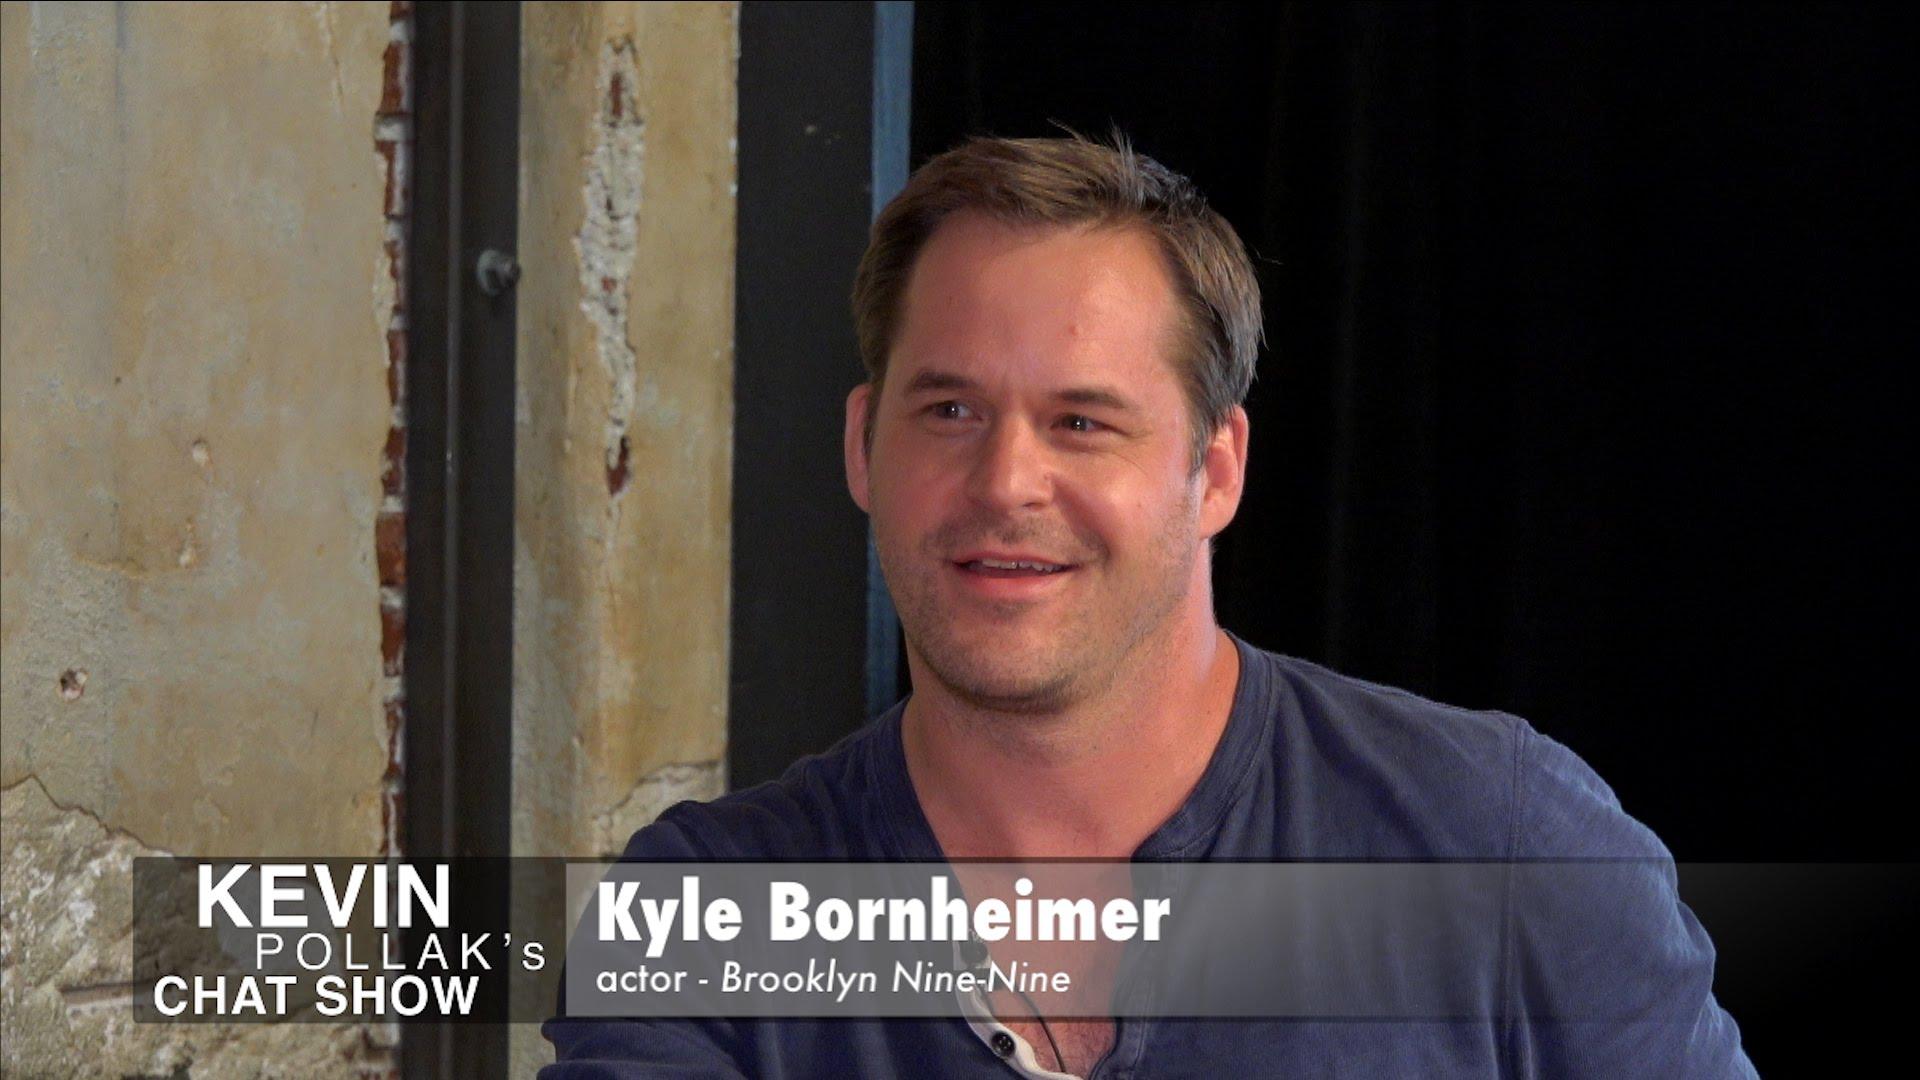 Kyle bornheimer dating